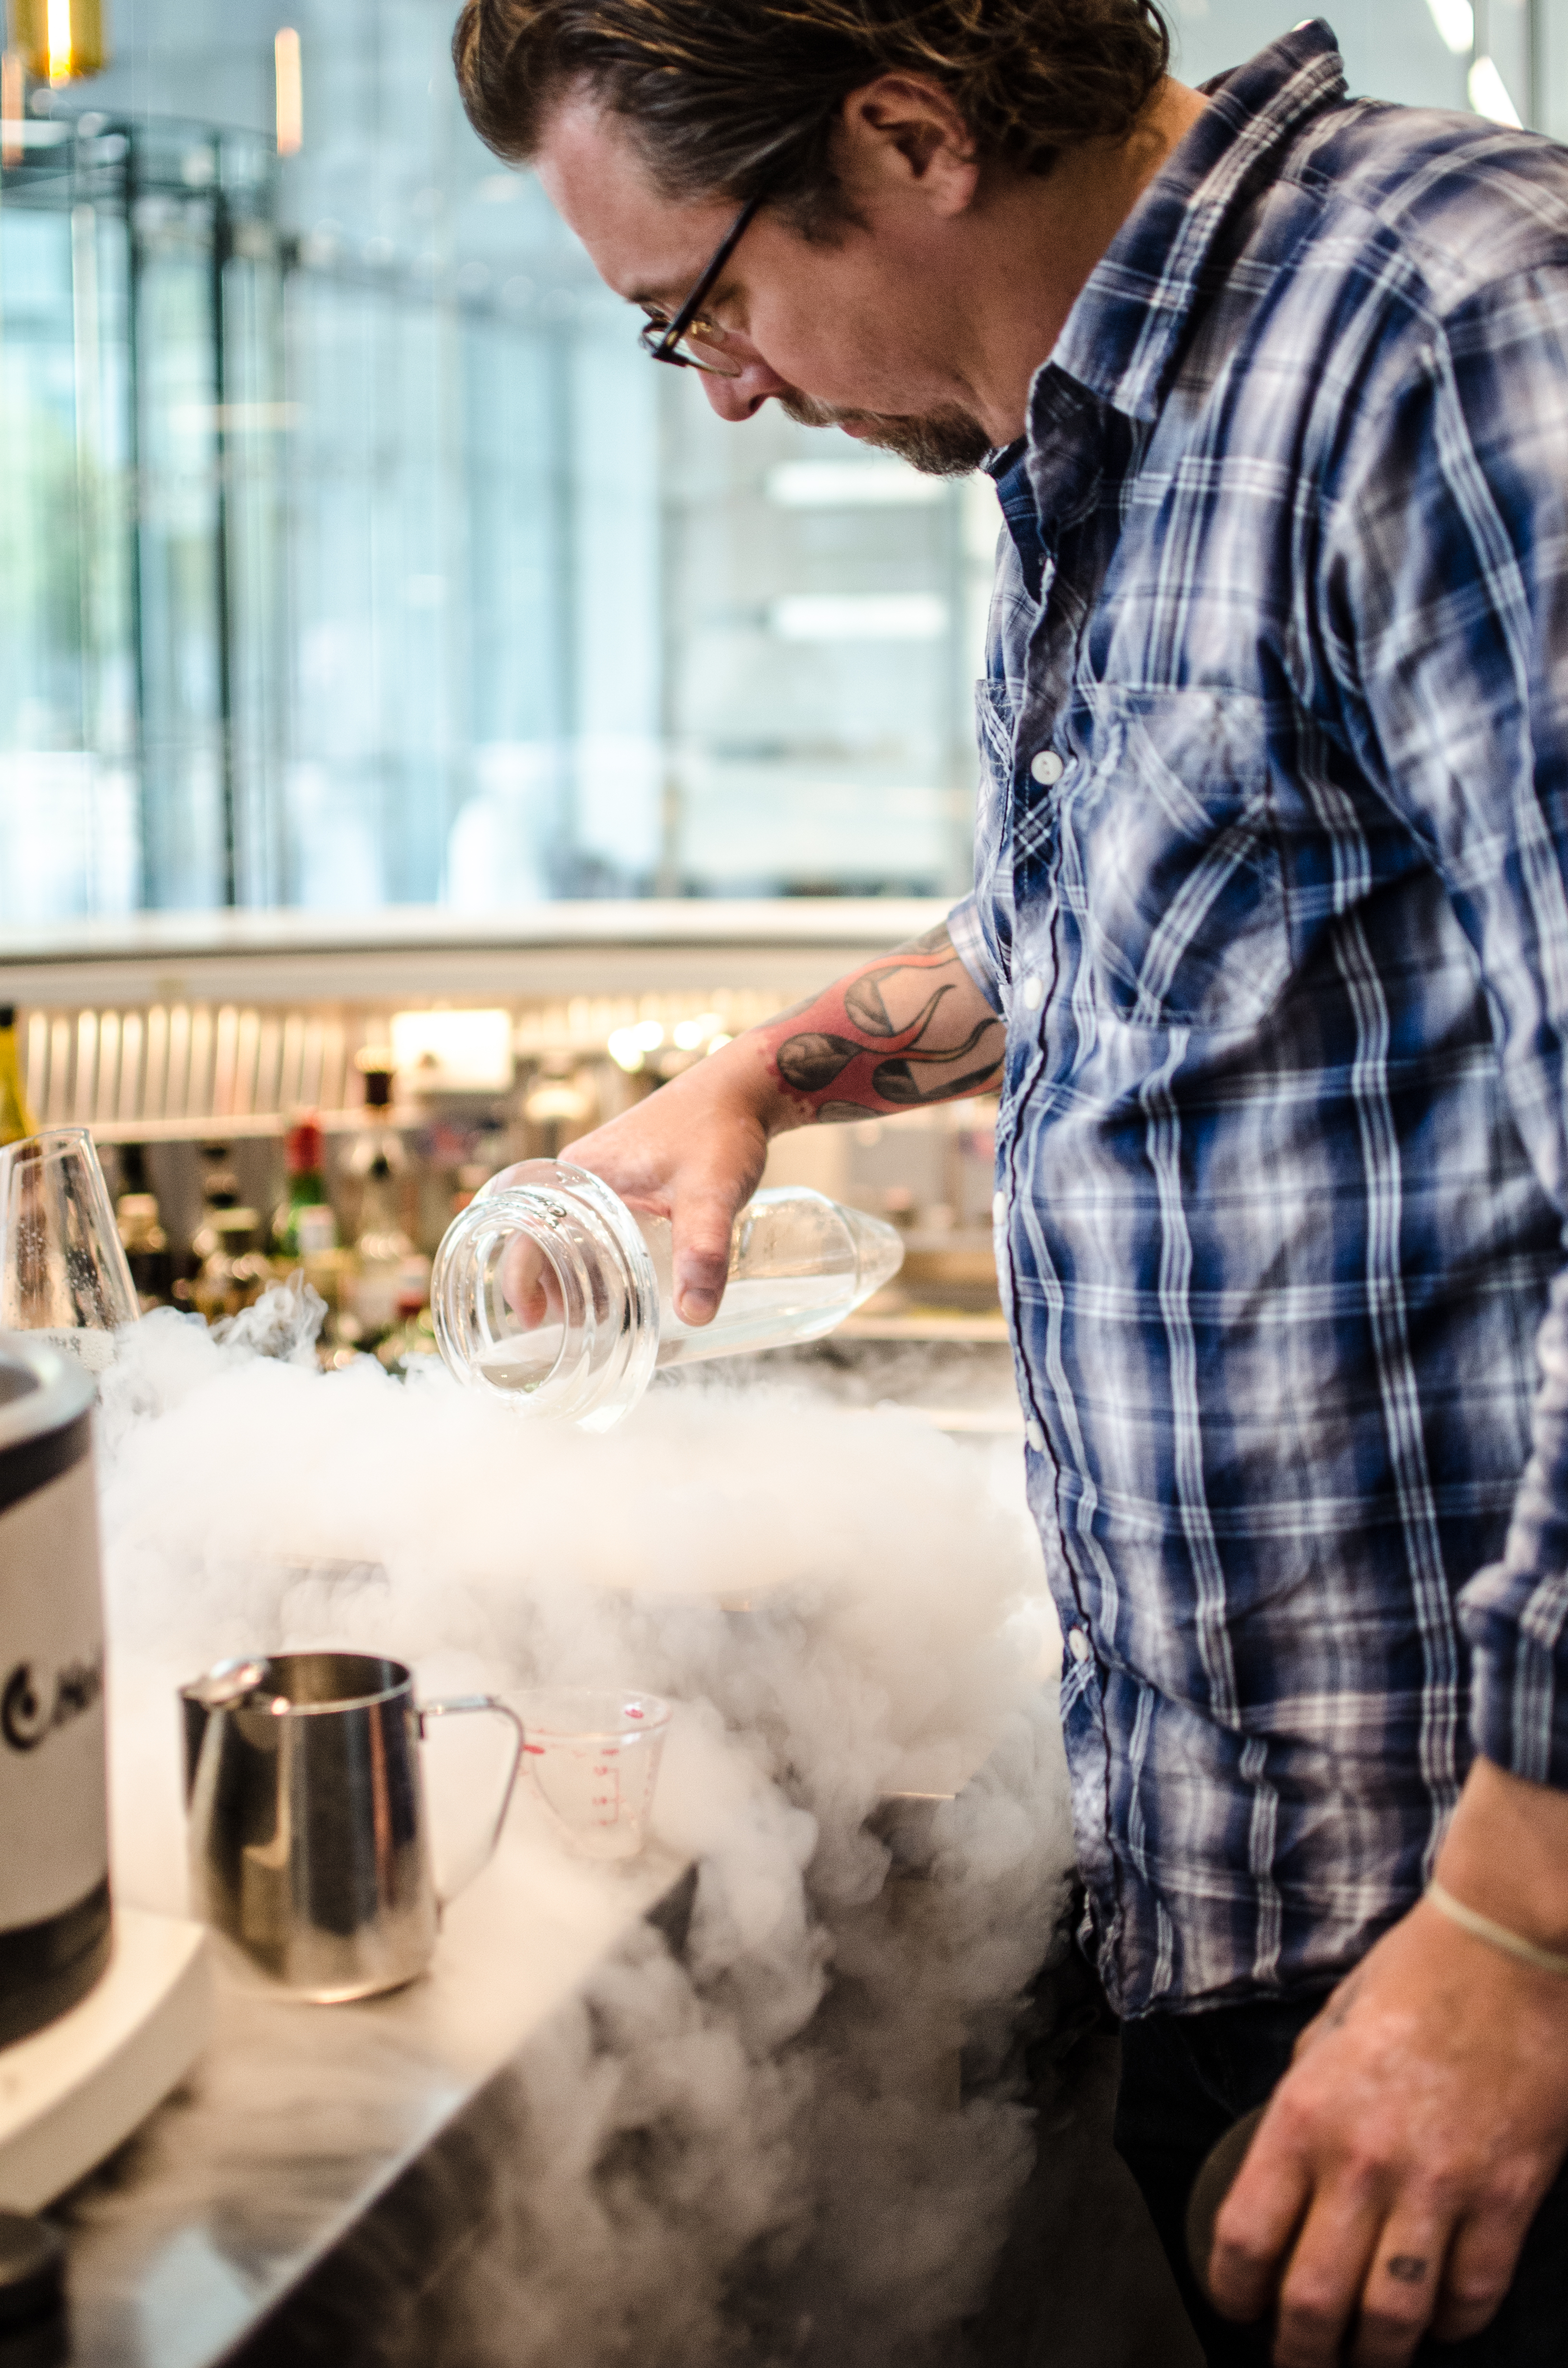 artscience liquid nitrogen